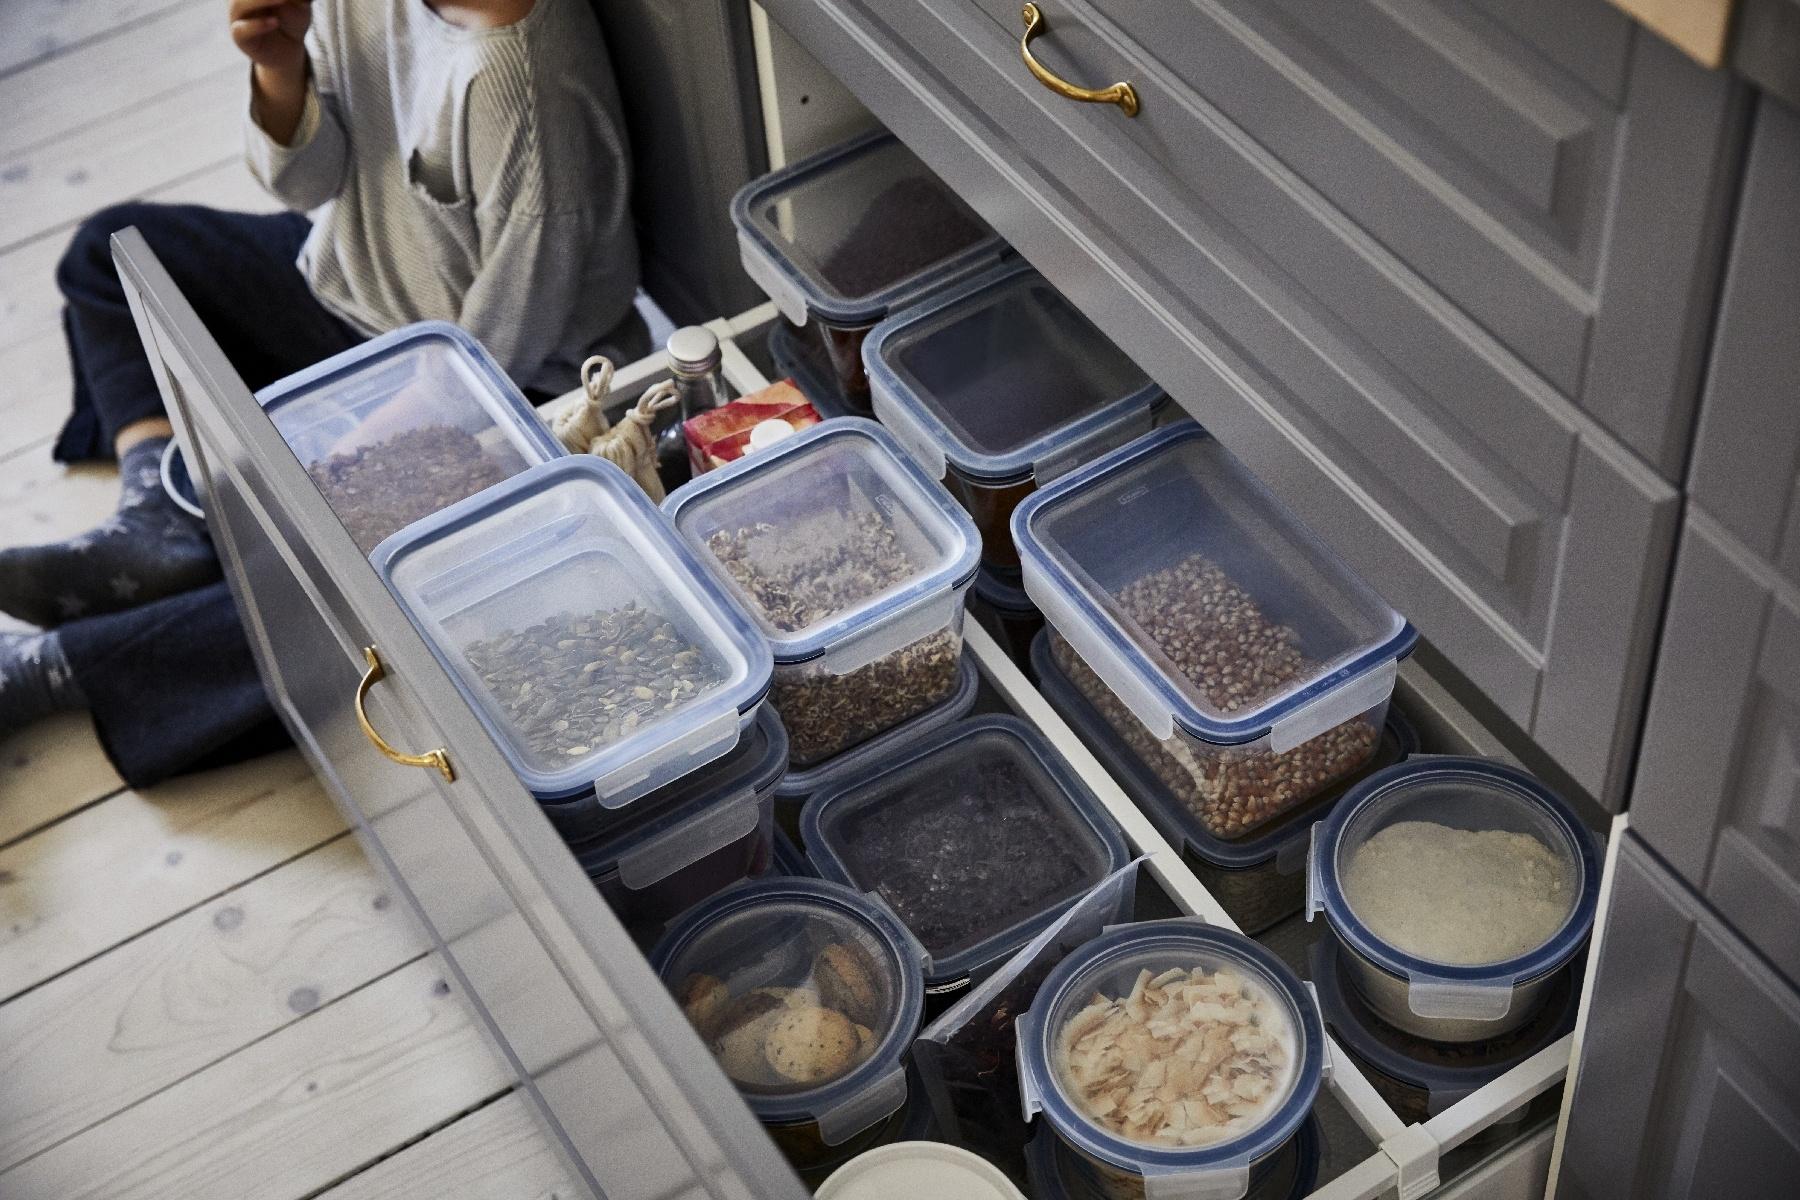 """อิเกีย ชวนเปลี่ยนคนละนิด สร้าง """"ECO Lifestyle"""" รักษ์โลก เริ่มได้ทุกมื้ออาหาร"""